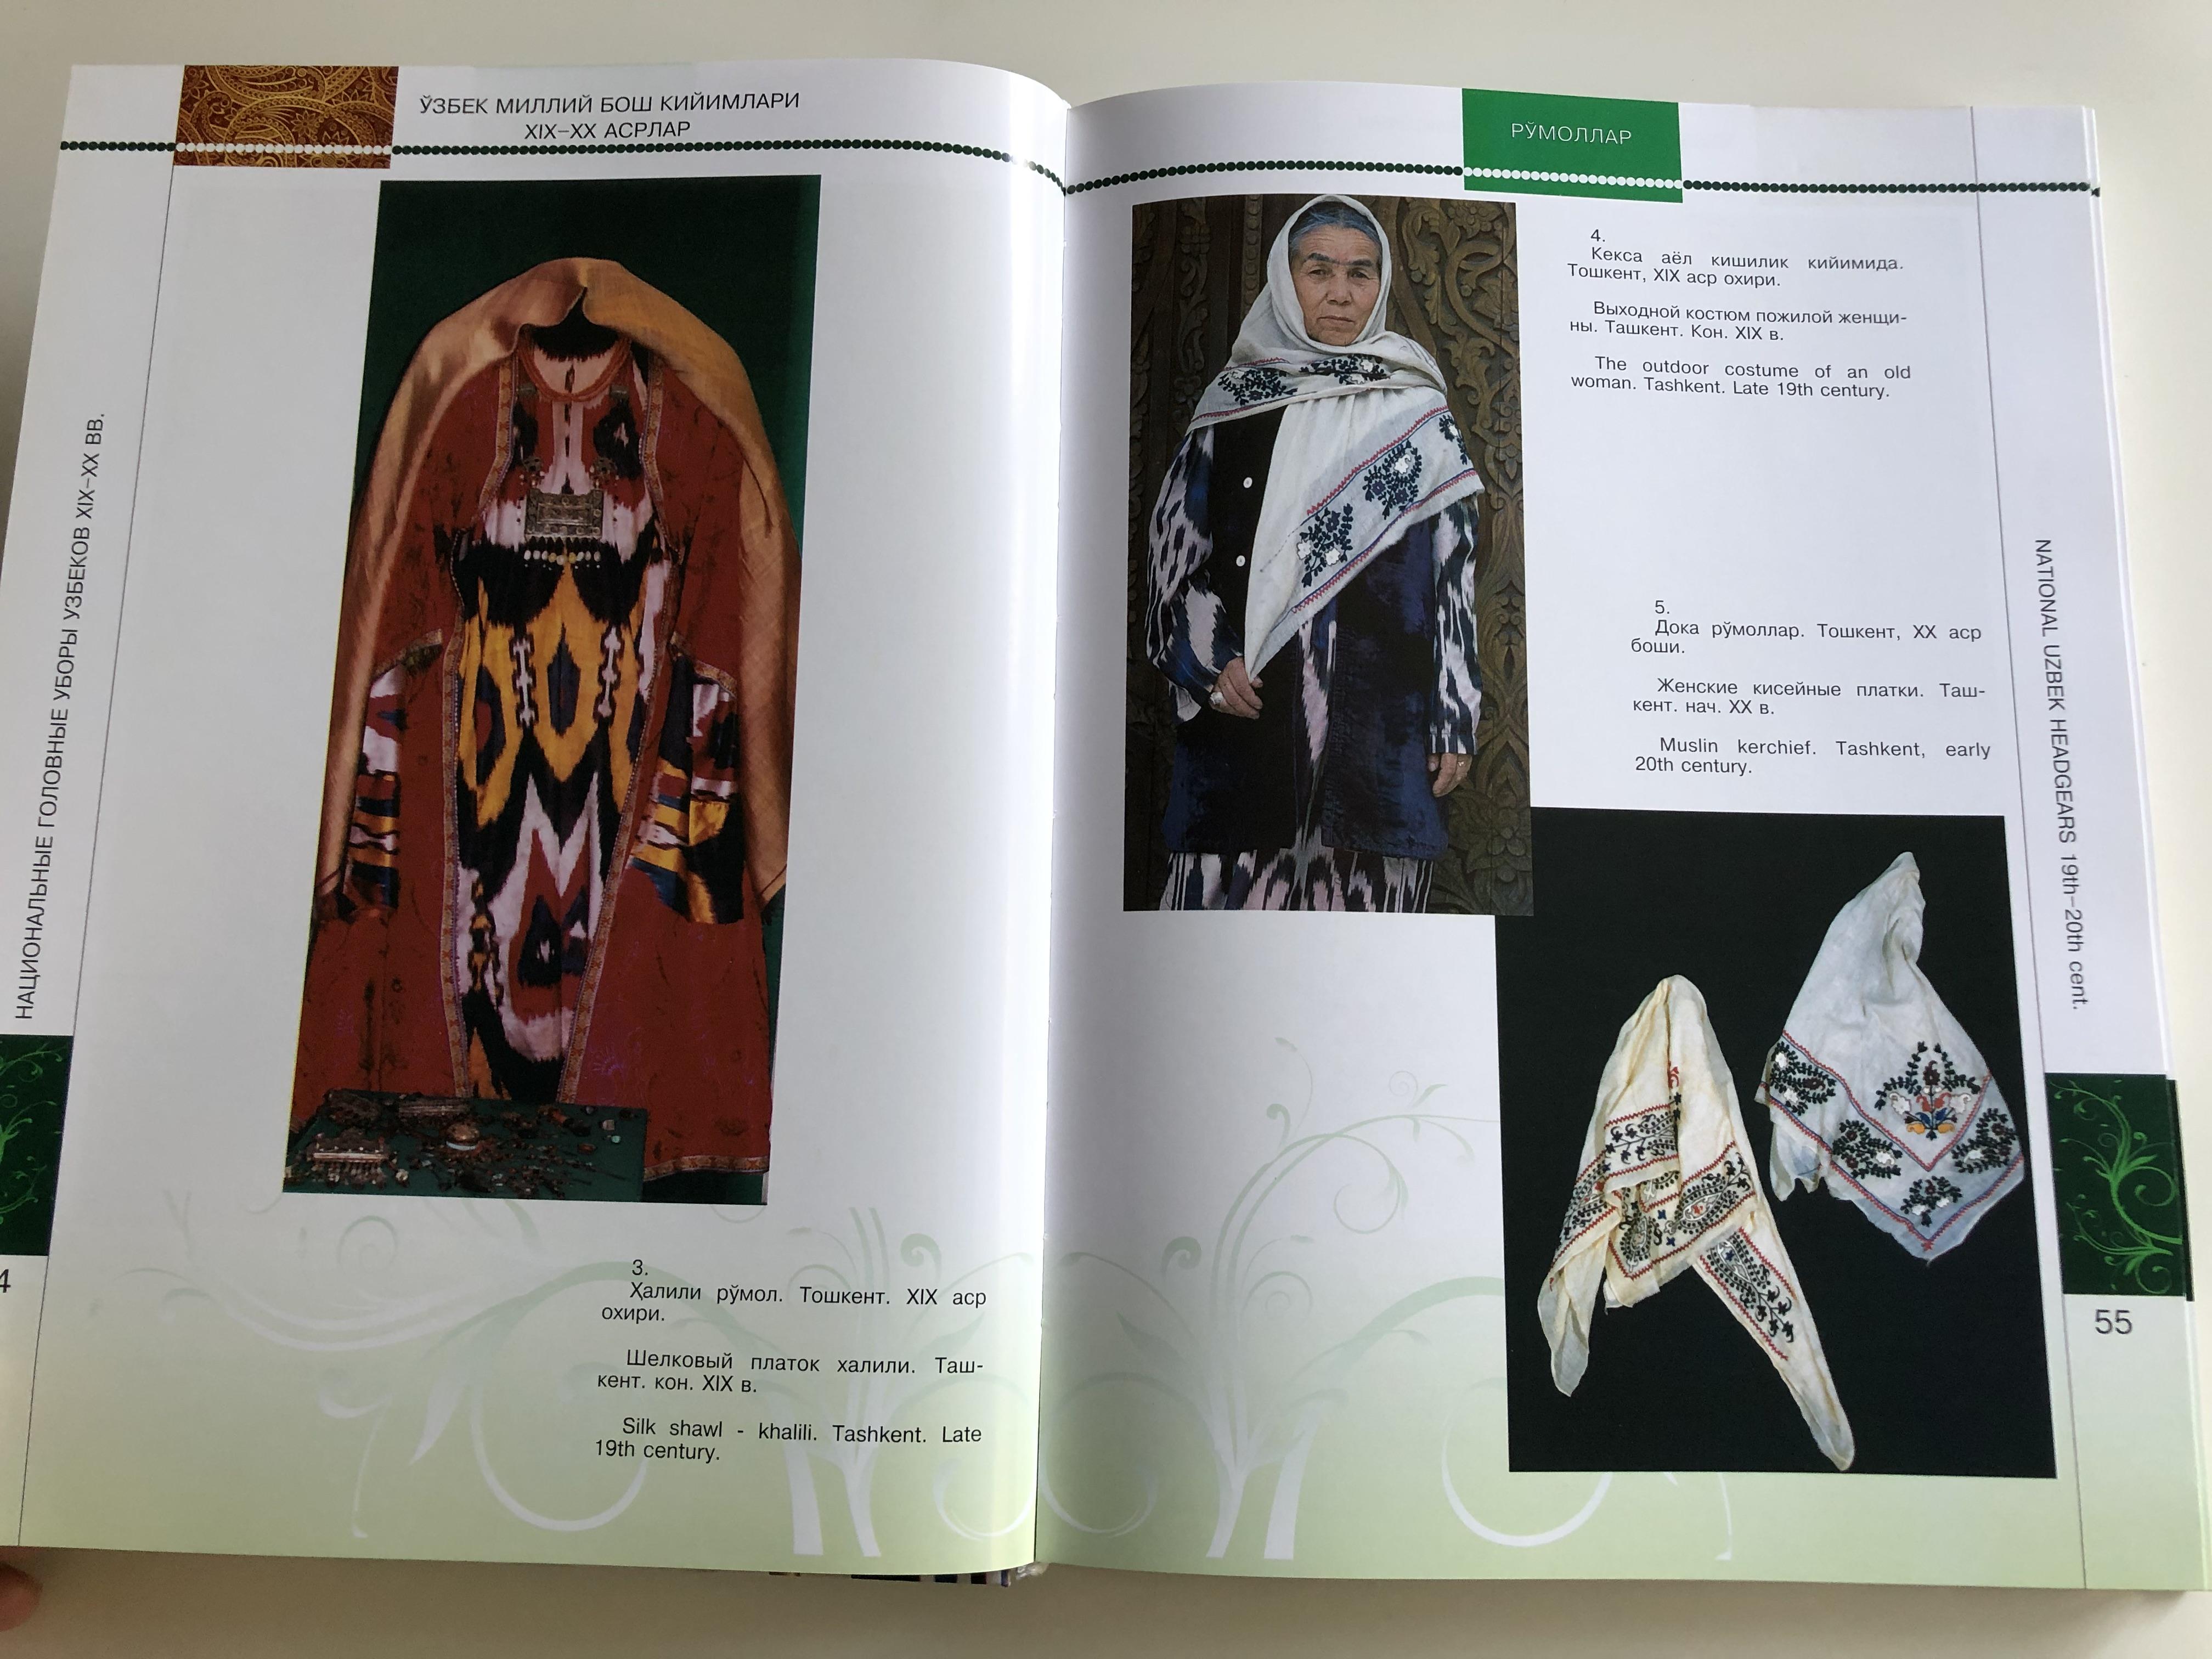 national-uzbek-headgears-19th-20th-century-by-sadikova-nafisa-gaybullaeva-yulduz-xix-xx-asrlar-uzbek-russian-english-trilingual-edition-hardcover-2014-sharq-10-.jpg